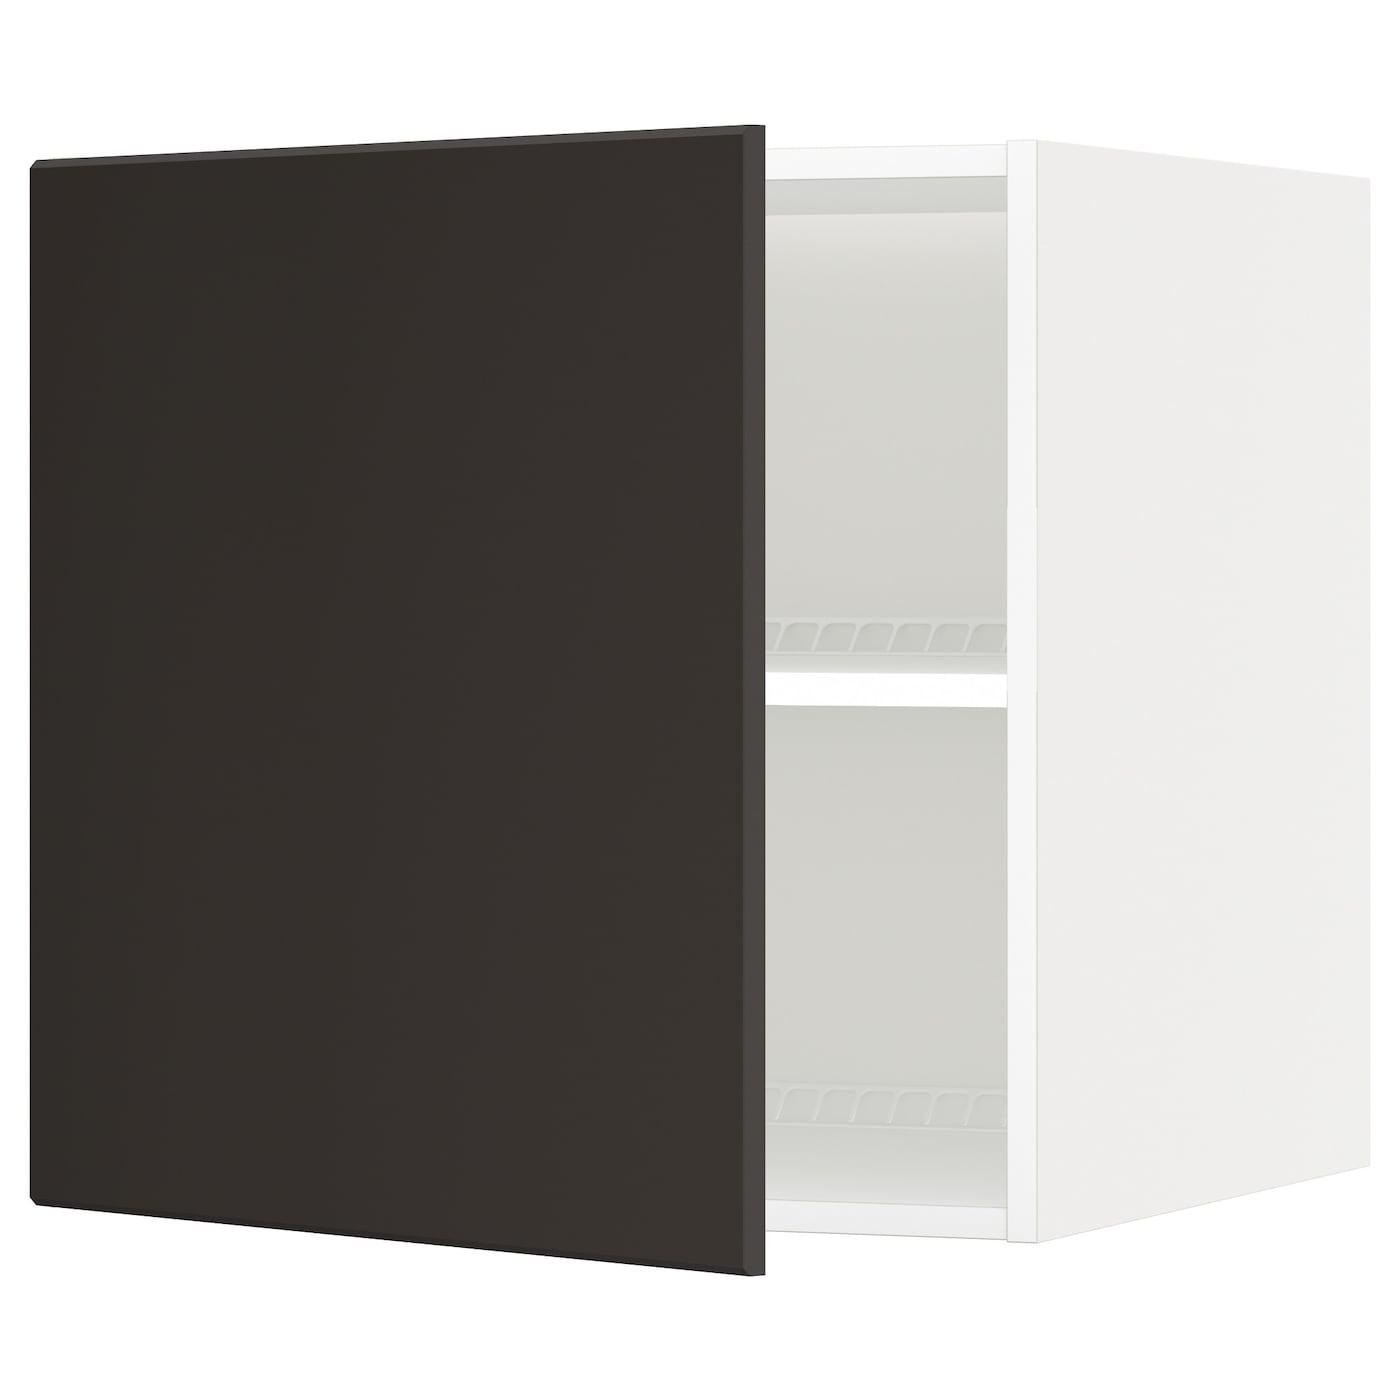 METOD, Oberschrank für Kühl-/Gefrierschrank, weiß, anthrazit 792.118.44